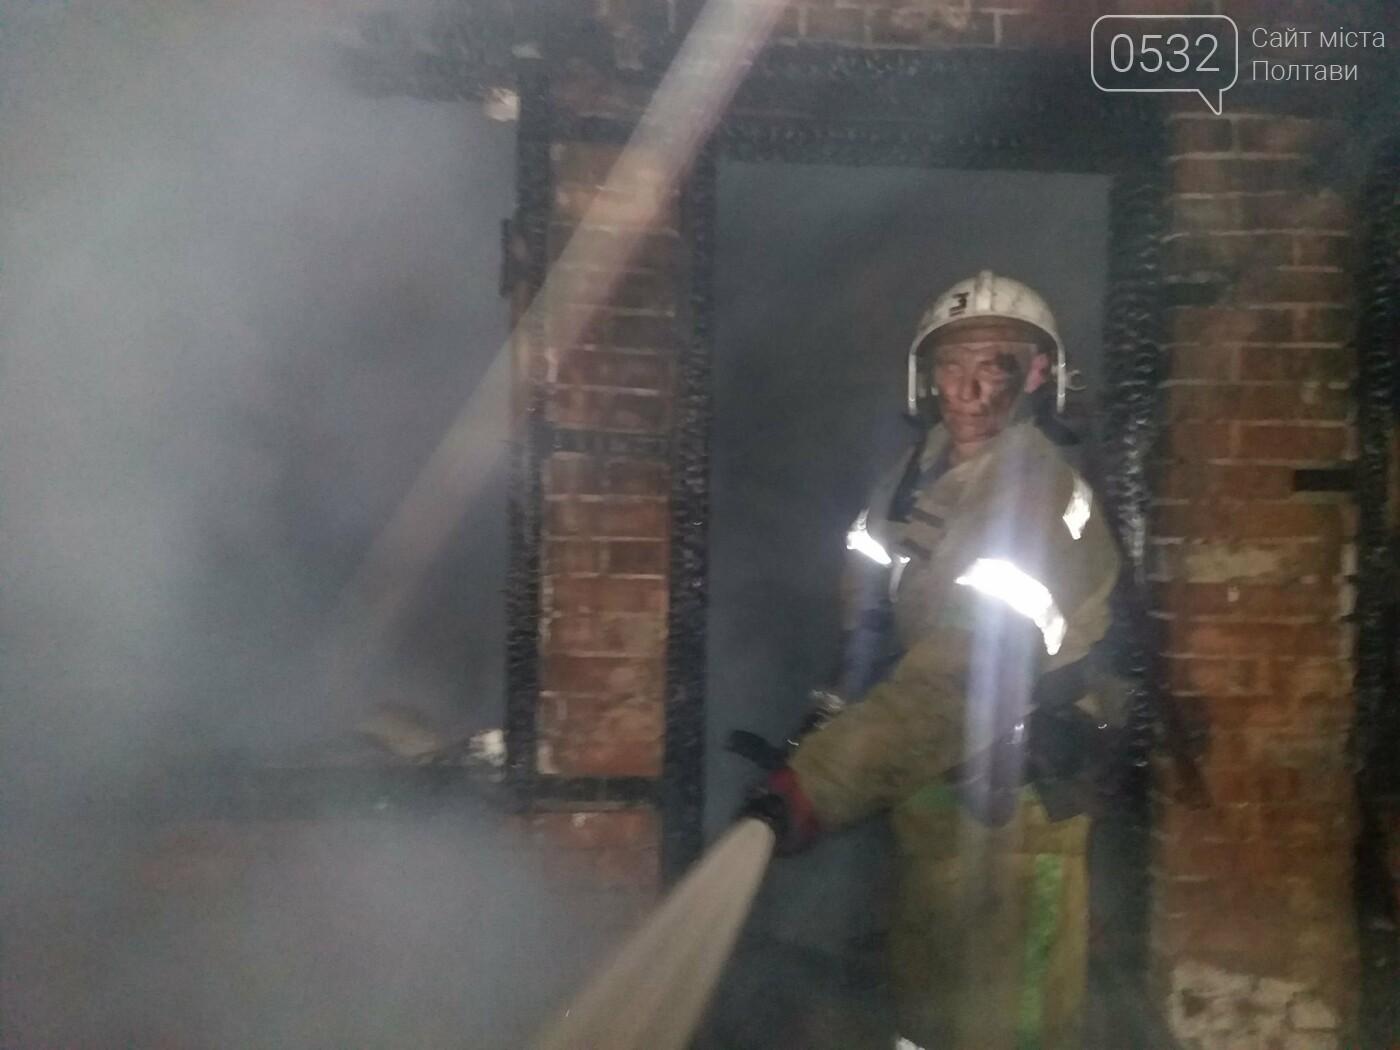 Вночі у Полтаві сталася пожежа у приватному секторі, фото-2